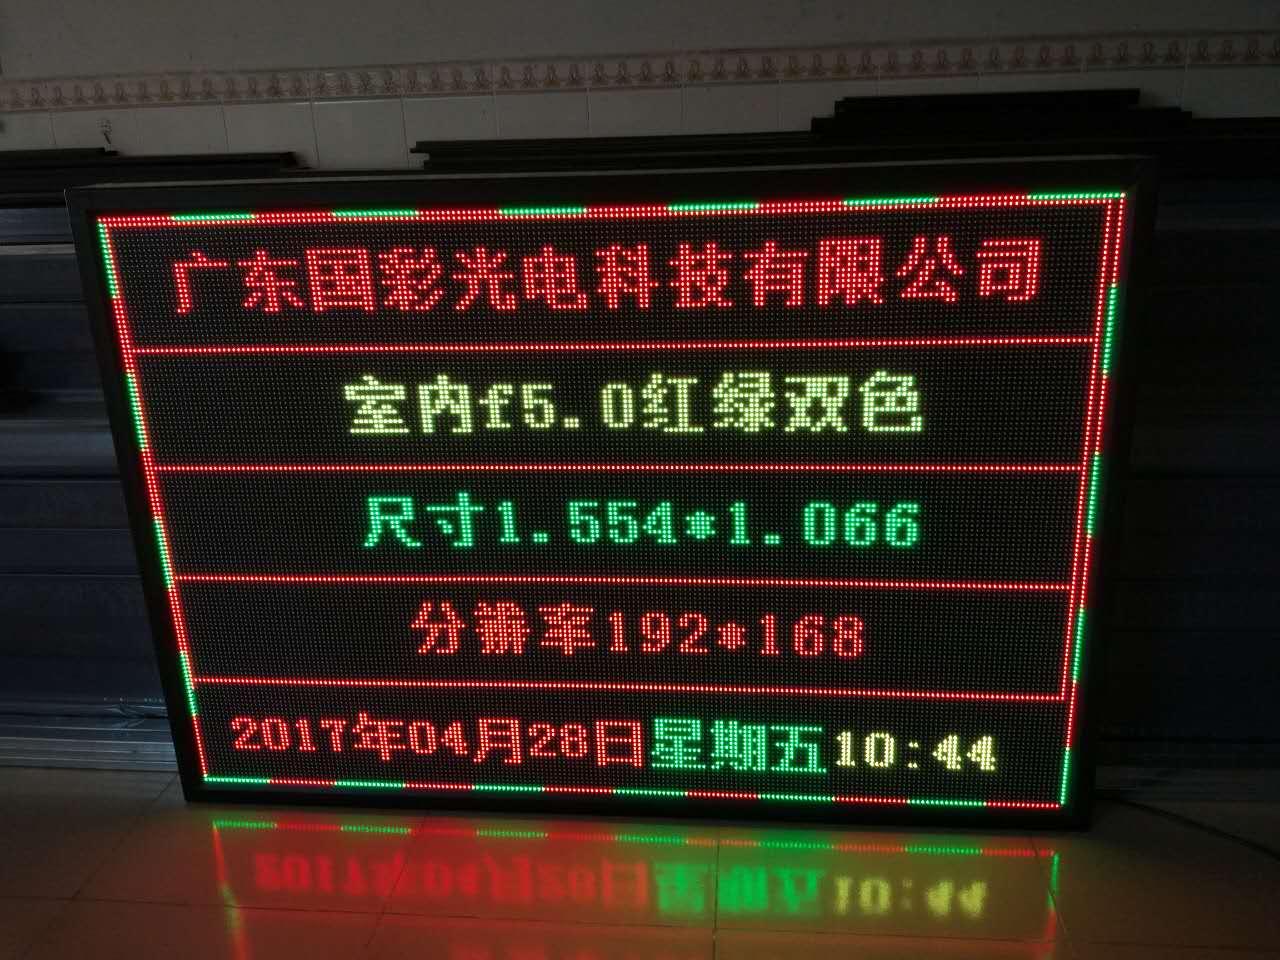 佛山单双色LED显示屏厂家 LED显示屏厂家报价 F5.0单双色LED显示屏